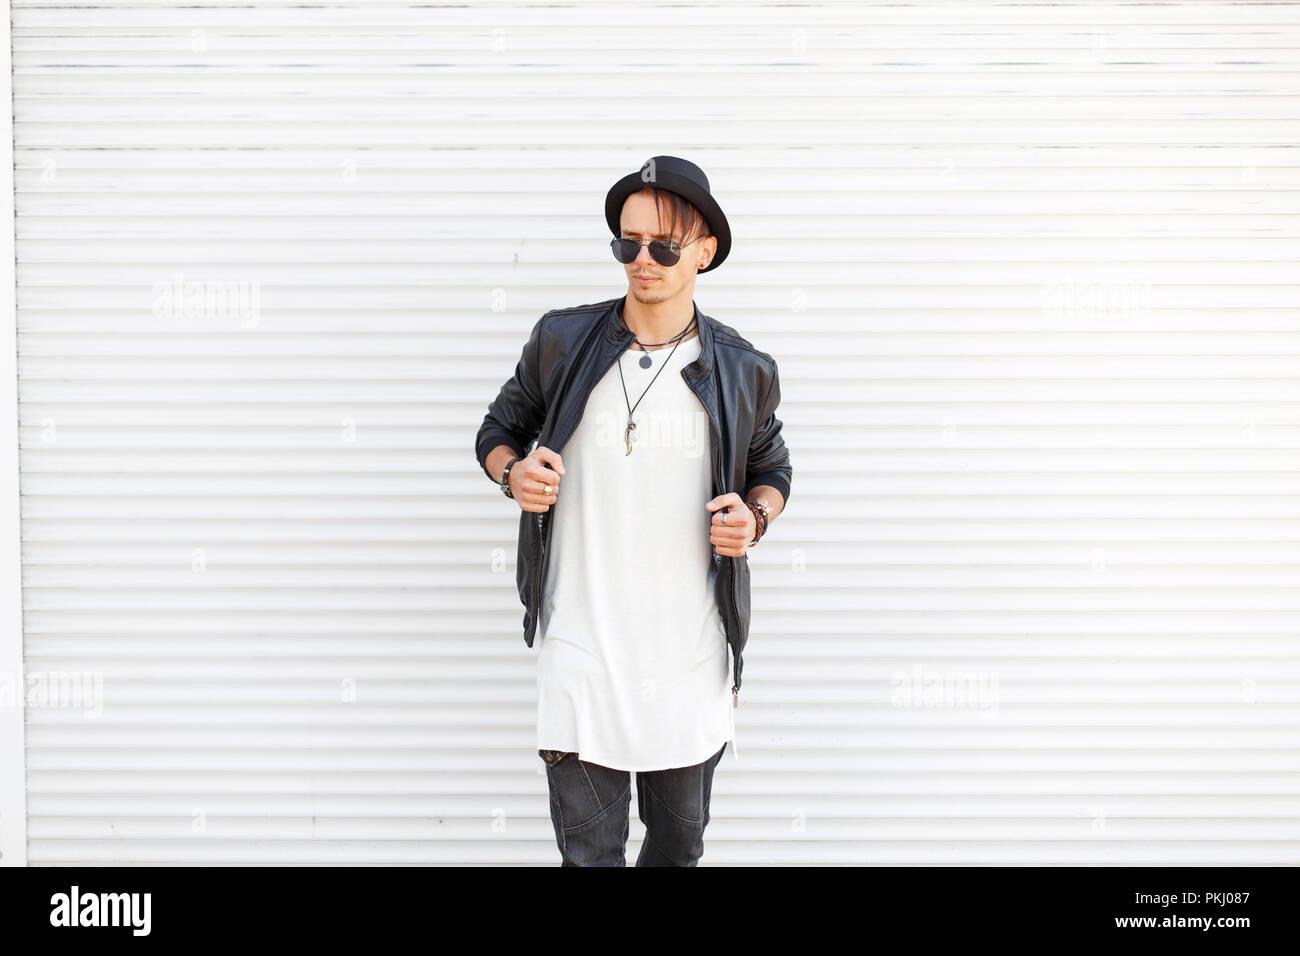 Quartiere In Un Di Occhiali Modello Elegante Uomo Con Alla Hat Moda WZqqfI4a